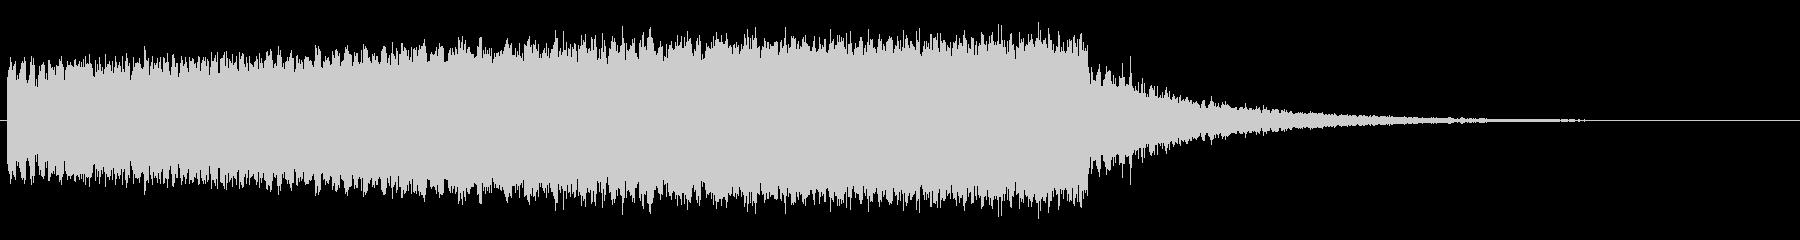 効果音_落下音の未再生の波形